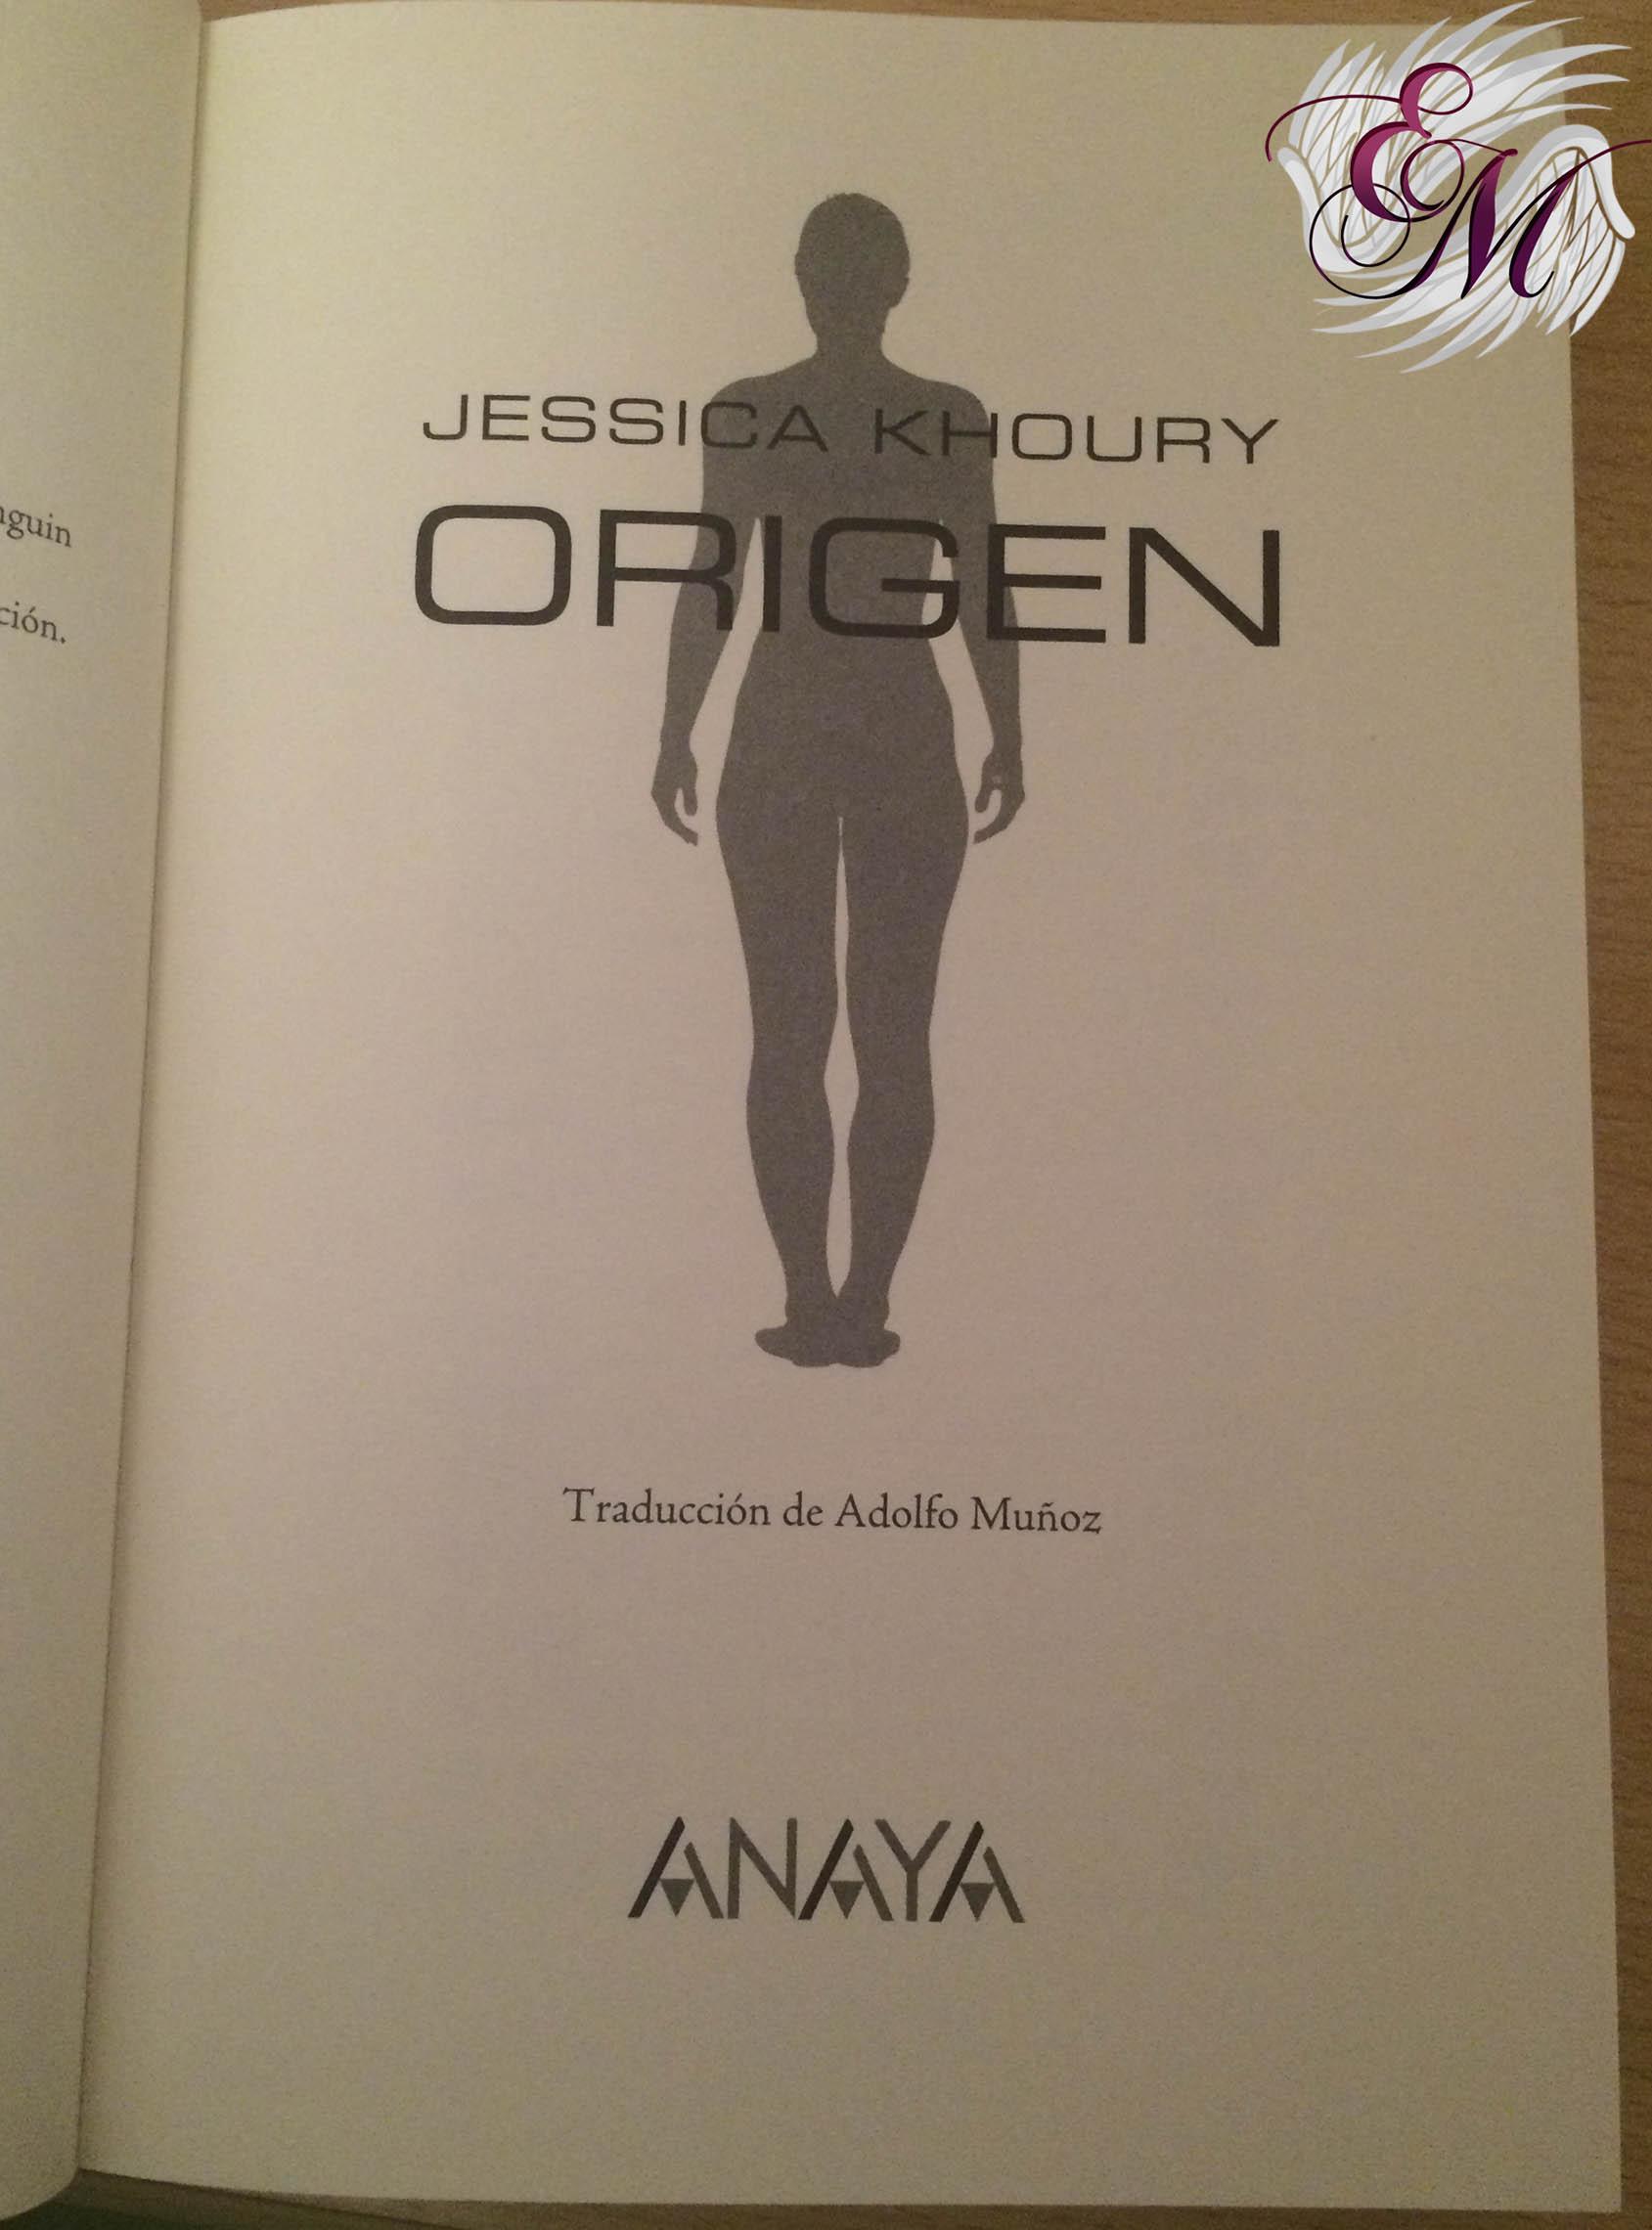 Origen, de Jessica Khoury - Reseña